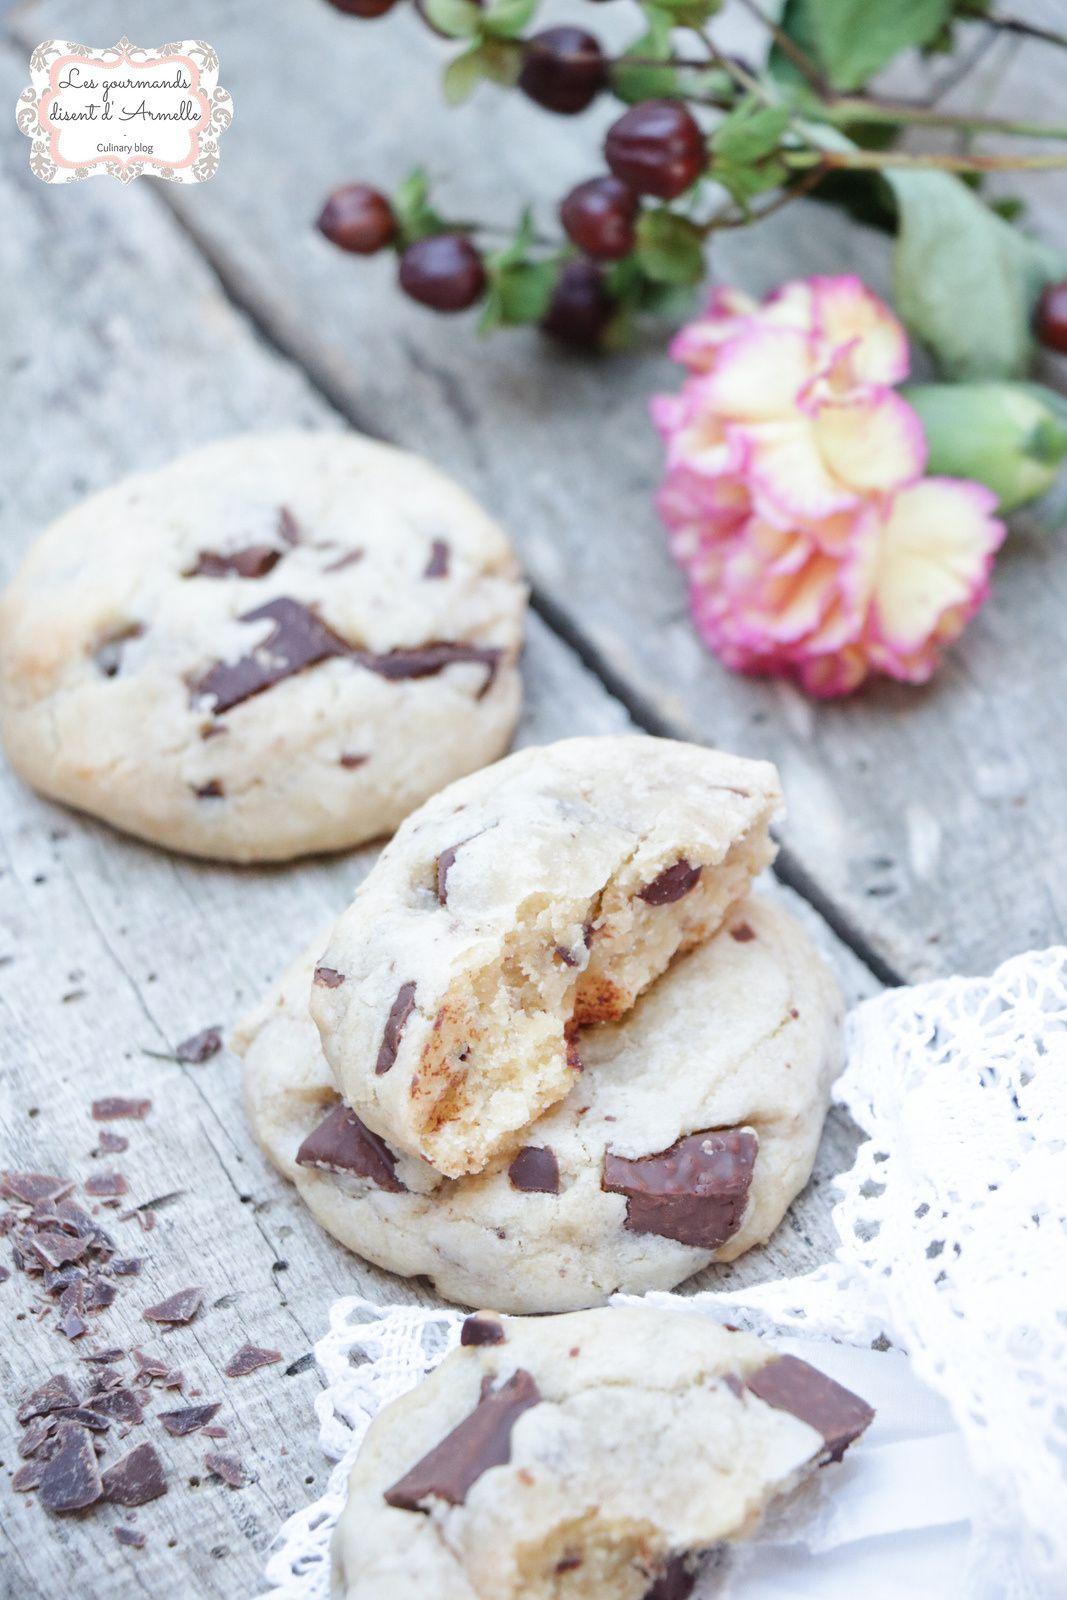 Cookies au chocolat au lait @ Les Gourmands {disent} d'Armelle